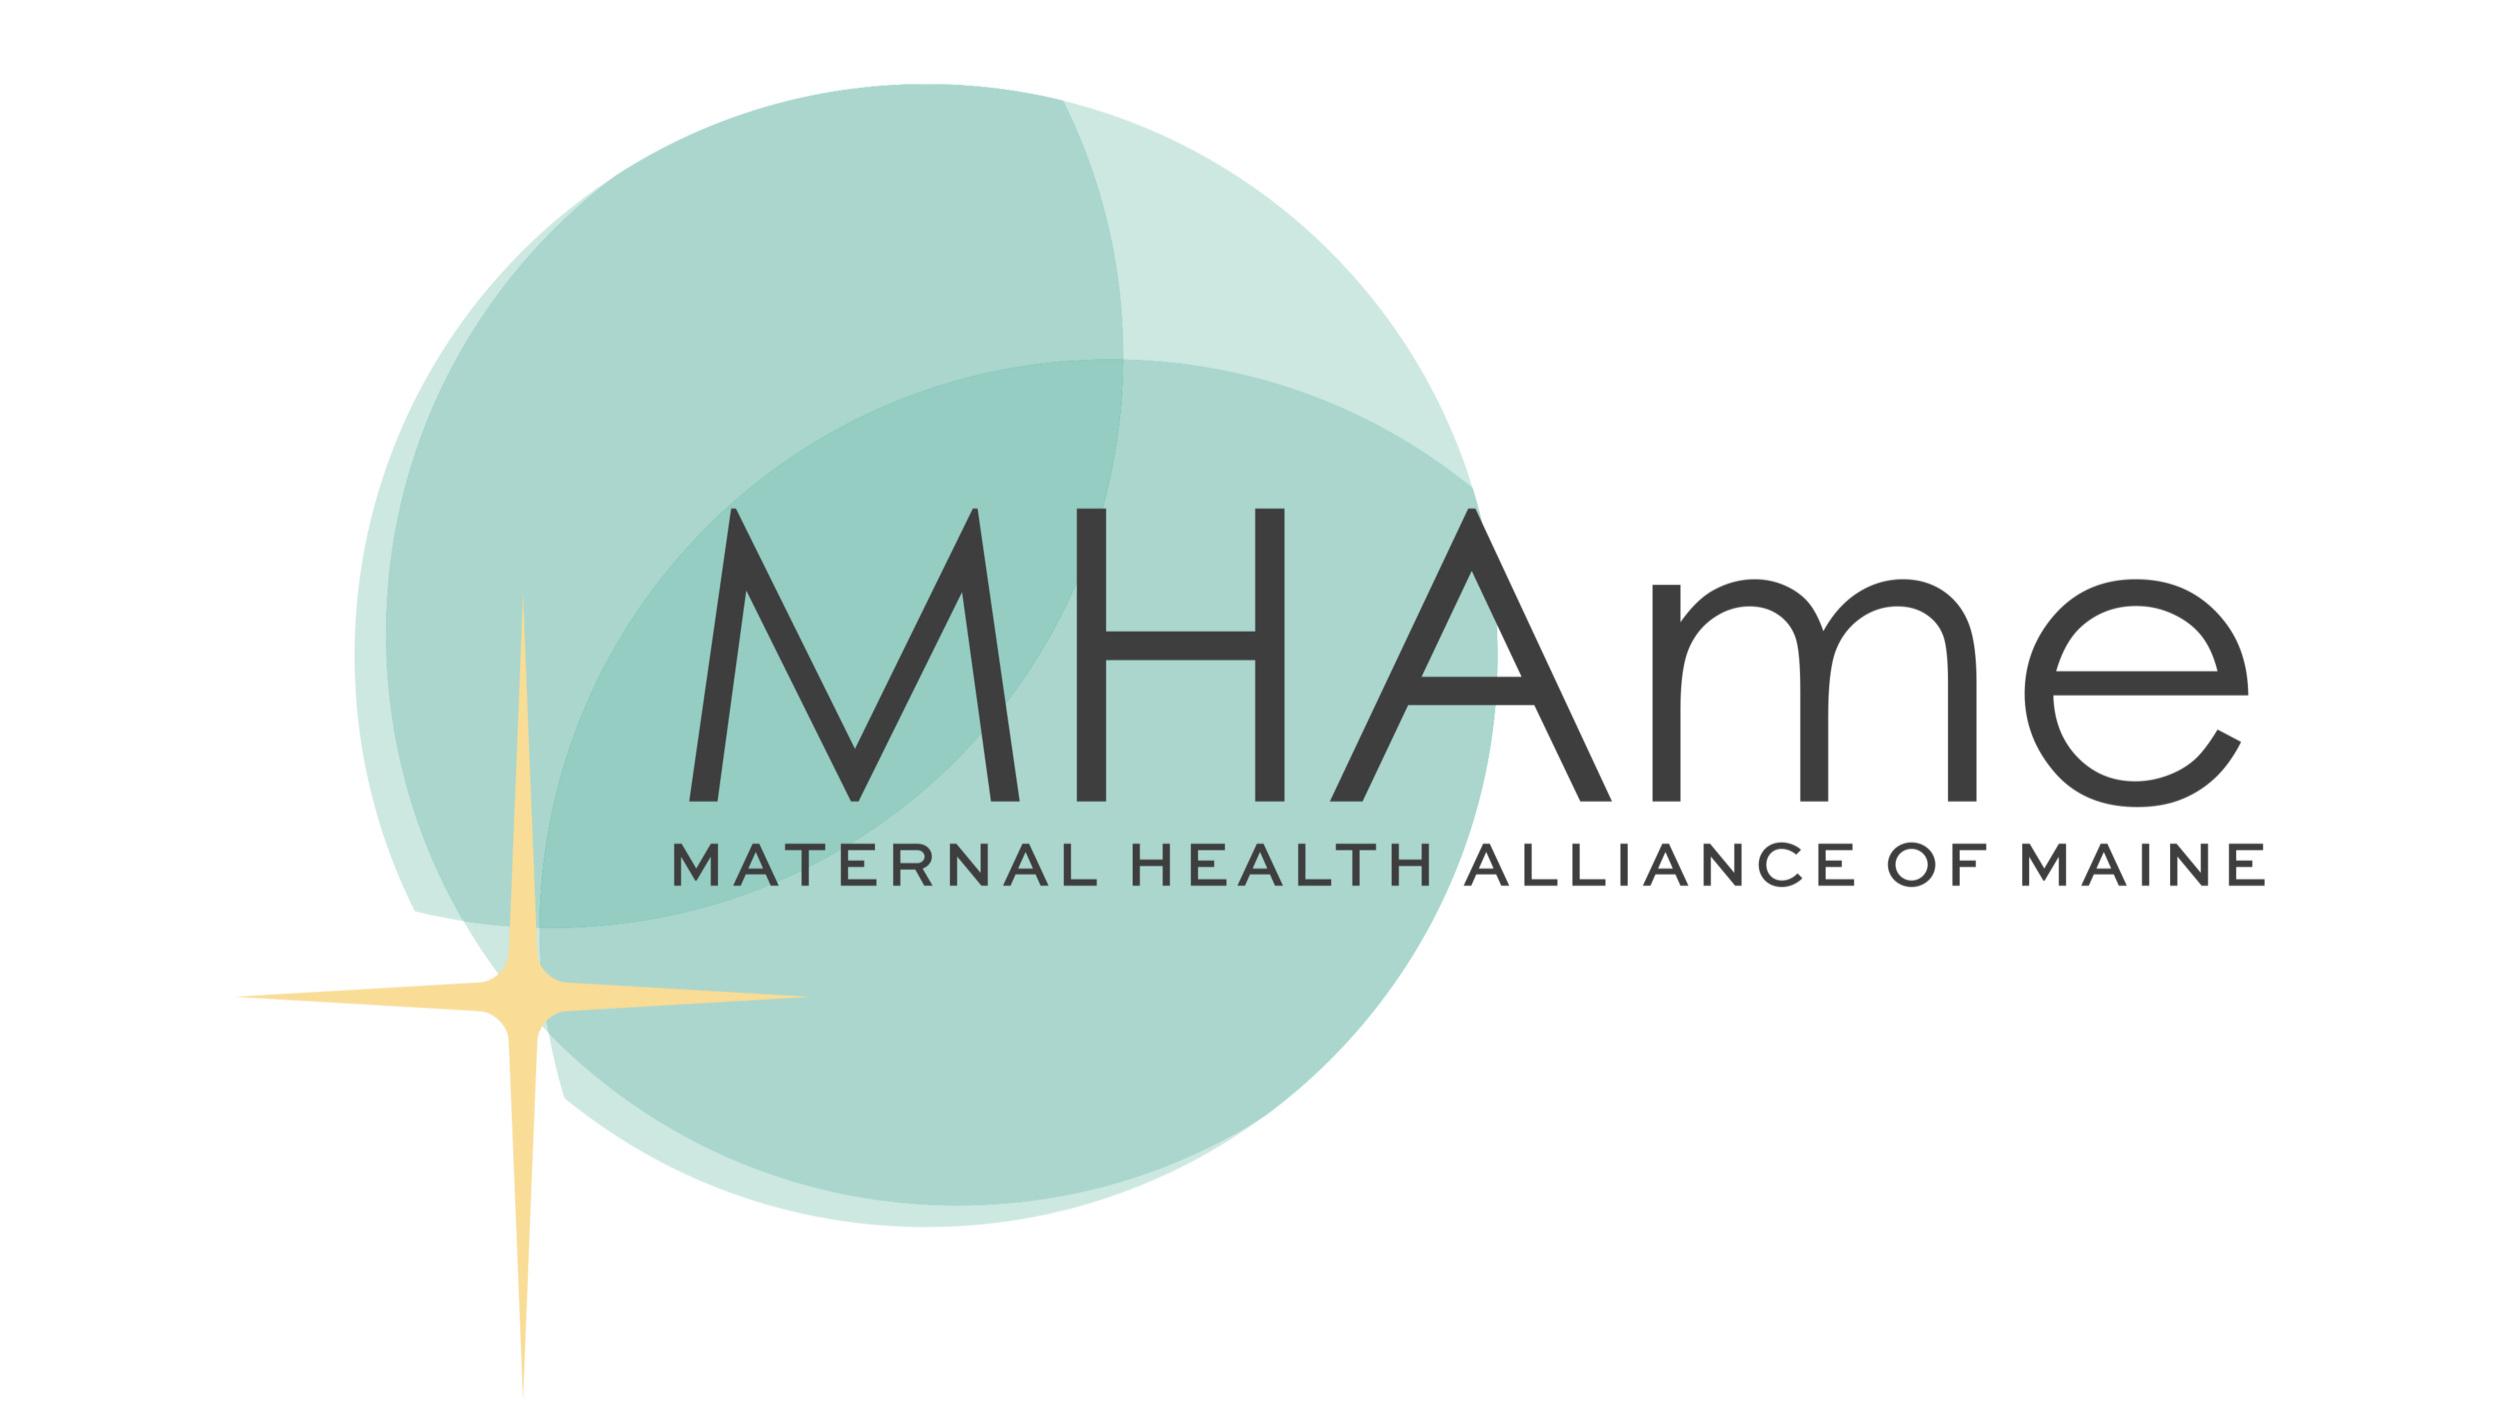 MHAME+logo.jpg